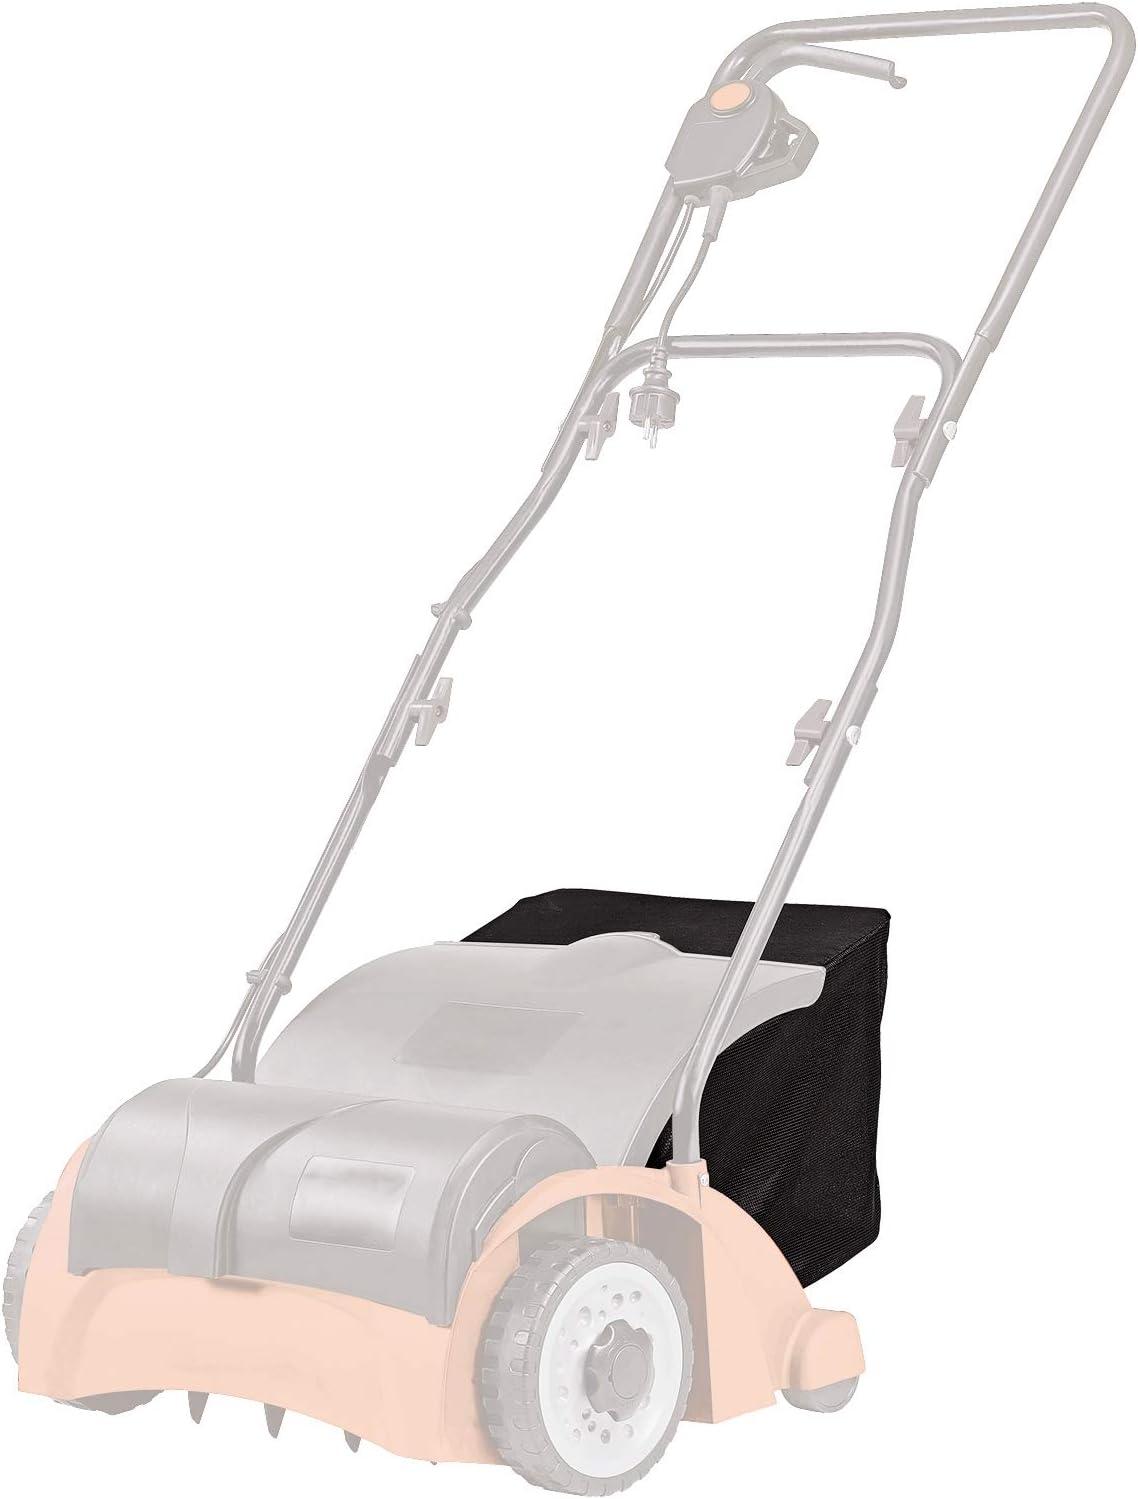 Einhell cesto para eléctrico escarificador/ventilador GC-ES 1231 e GC-SA 1231, 28 L, 3405575